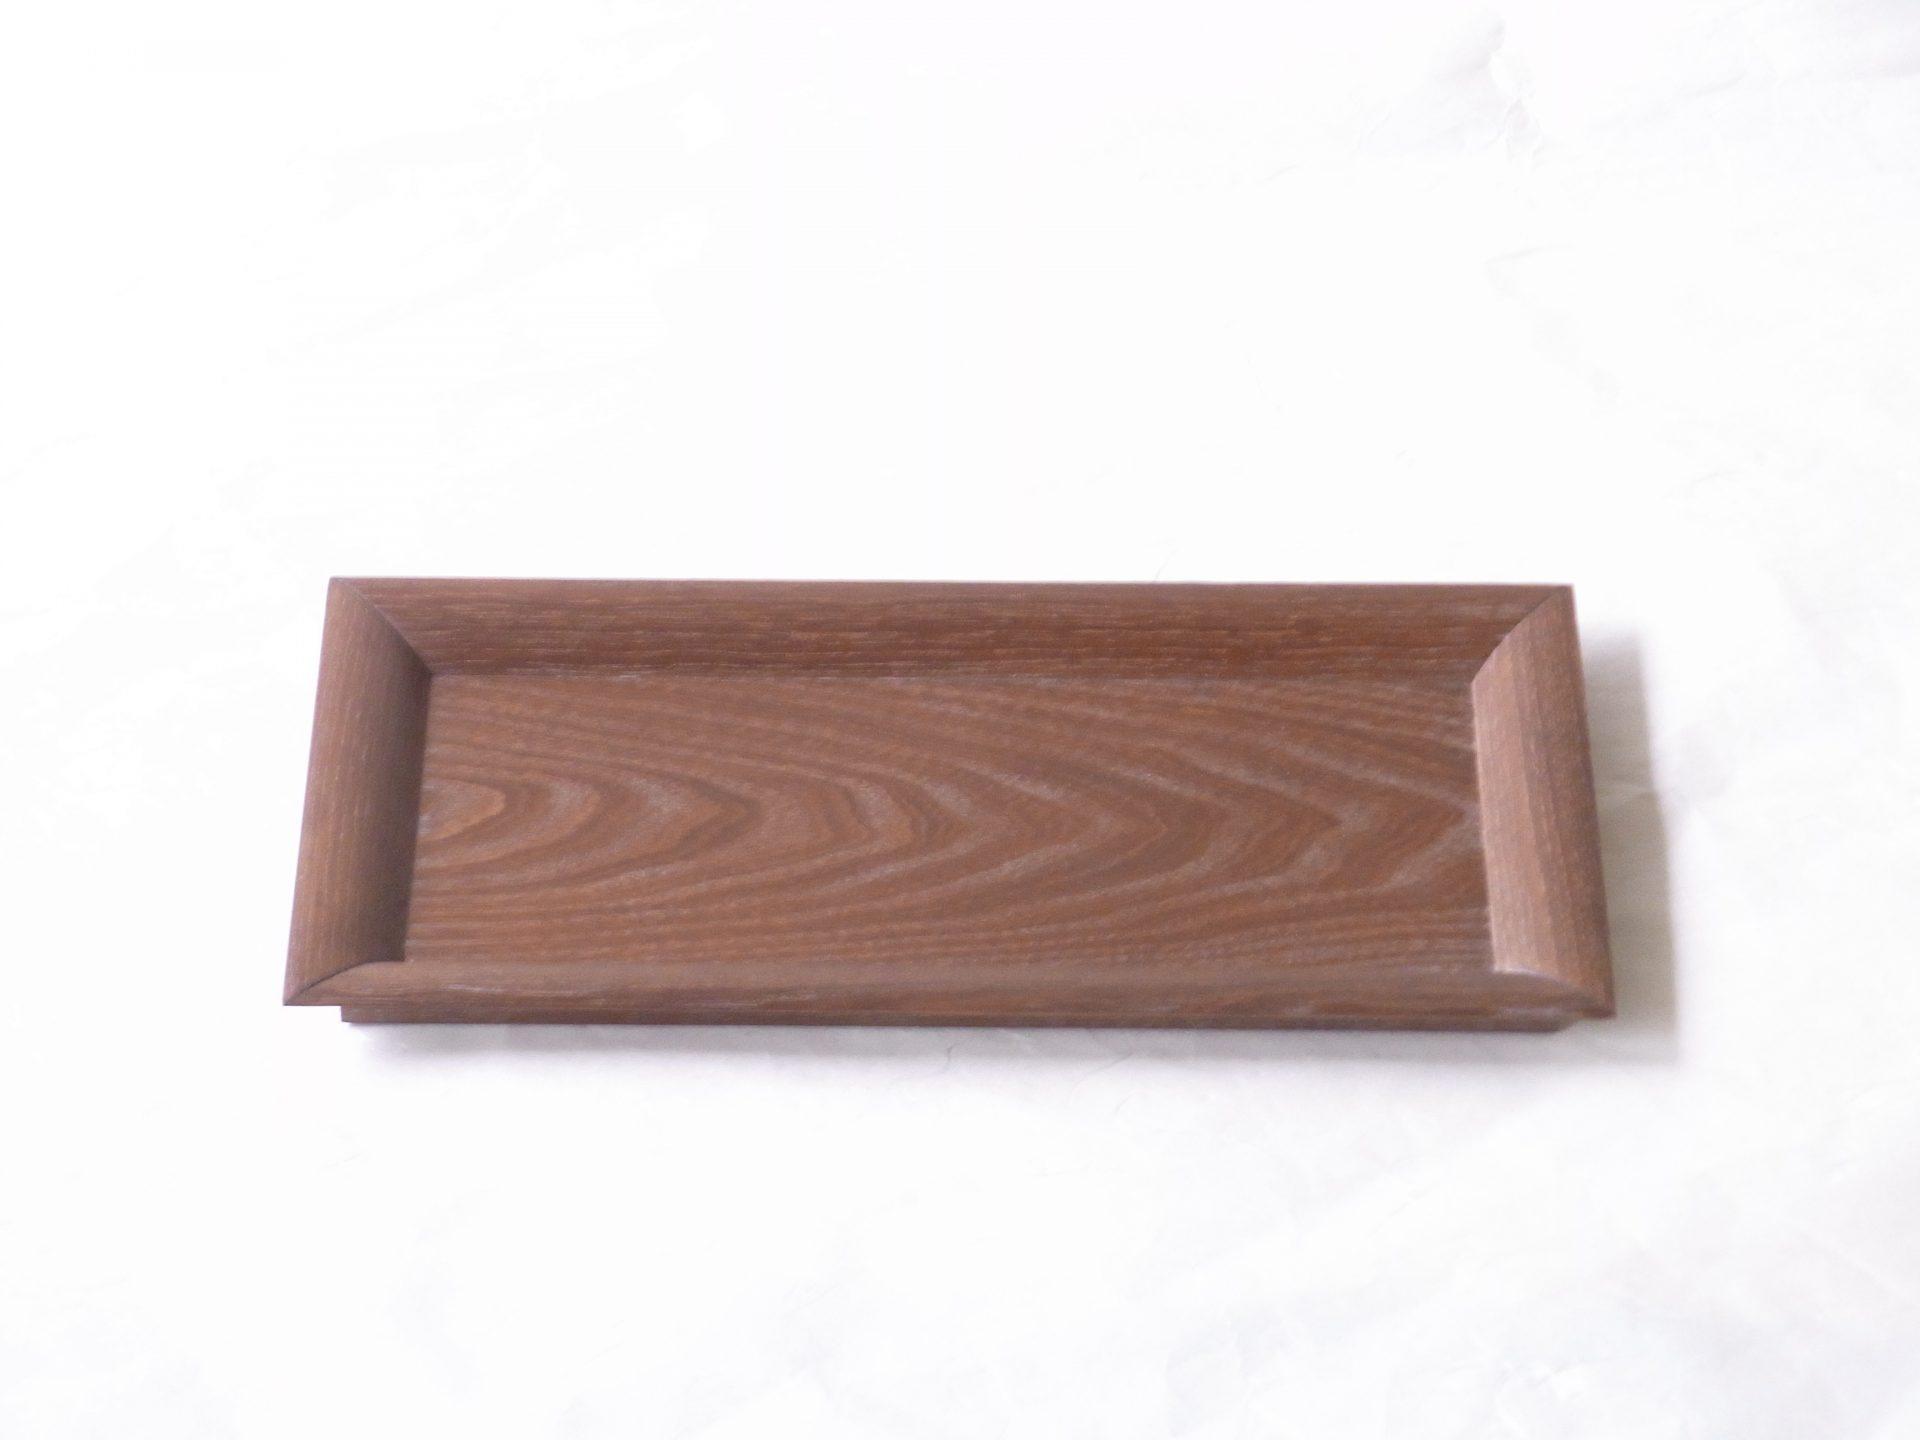 日本製 仙正 女桑 フリートレー 茶杓飾盆 木目が細かい 年輪 盆の中央 木取りにこだわり 磨きしっかり 表面ツルツル 手触りが違う 渕のカーブがシャープ 繊細 木地の加工技術 高い 筆 筆記用具 ちょうどいいサイズ ダイニングテーブルの上 お菓子 飾り物 小物 横長 小ぶりなトレー 様々な使い方が可能 毎日目にする 日常生活 本物 使いたい 日本製 陶器 磁器 陶磁器 漆器 茶道具 華道具 贈り物 ギフト 記念品 引出物 法要 お返し 専門店 リアル店舗 茶の湯 茶道 裏千家 表千家 茶会 月釜 抹茶 高品質 安らぎ いやし よりおいしく 安心 機能的 長持ち 人気 おすすめ 高機能 ネット通販 ネットショップ セレクトショップ 欲しい 購入 買う 買い物 岐阜県 岐阜市 美殿町 小林漆陶 特別な 選び抜かれた 品質重視 使いやすい 格安 老舗 誕生日 結婚 出産 入学 退職 母の日 父の日 敬老の日 クリスマス プレゼント 叙勲 長寿 新築 お祝い 御礼 内祝い 外国土産 海外みやげ 実店舗 創業100年以上 使うと分かる 職人技 日本一の品揃え 日本一の在庫数 専門店 専門知識 数万点の在庫 百貨店(高島屋 三越 伊勢丹 松坂屋 大丸)にない 手作り お洒落 高級品 希少価値 上質な器 伝統工芸品 コスパ お値打ち お買い得 堅牢 飽きない 永く使える お気に入り 国産 料理が映える 満足感 豊かな食生活 豊かな食文化 こだわりの器 日本文化 他にない ここにしかない オリジナル 独自の 個性的 ここでしか買えない 超レアもの 一品もの 現品限り 入手困難 いい器 匠の技 美しい 実用的 外人が喜ぶ店 外人が珍しがる店 外人がうれしい店 日本各地の一級品を売る店 日本全国の器を売る店 本当にいいもの コスパ高い 一流品 修理 選りすぐりの逸品 周年記念 永年勤続表彰 退職記念 卒業記念 日本土産 岐阜土産 岐阜のおみやげ 岐阜の特産品 料理を引き立てる器 高級店 一流店 岐阜で一番 東海で一番 中部で一番 日本で一番 おしゃれな店 地域一番店 実店舗 陶磁器 磁器 華道具 ガラス器 明治42年創業 有田焼 清水焼 美濃焼 赤津焼 万古焼 常滑焼 九谷焼 唐津焼 萩焼 信楽焼 万古焼 砥部焼 備前焼 丹波焼 山中塗 春慶塗 讃岐塗 越前塗 輪島塗 紀州塗 会津塗 小田原木工 桜皮細工 秋田杉 駿河竹細工 七宝焼 南部鉄器 錫製品 江戸切子 津軽びいどろ